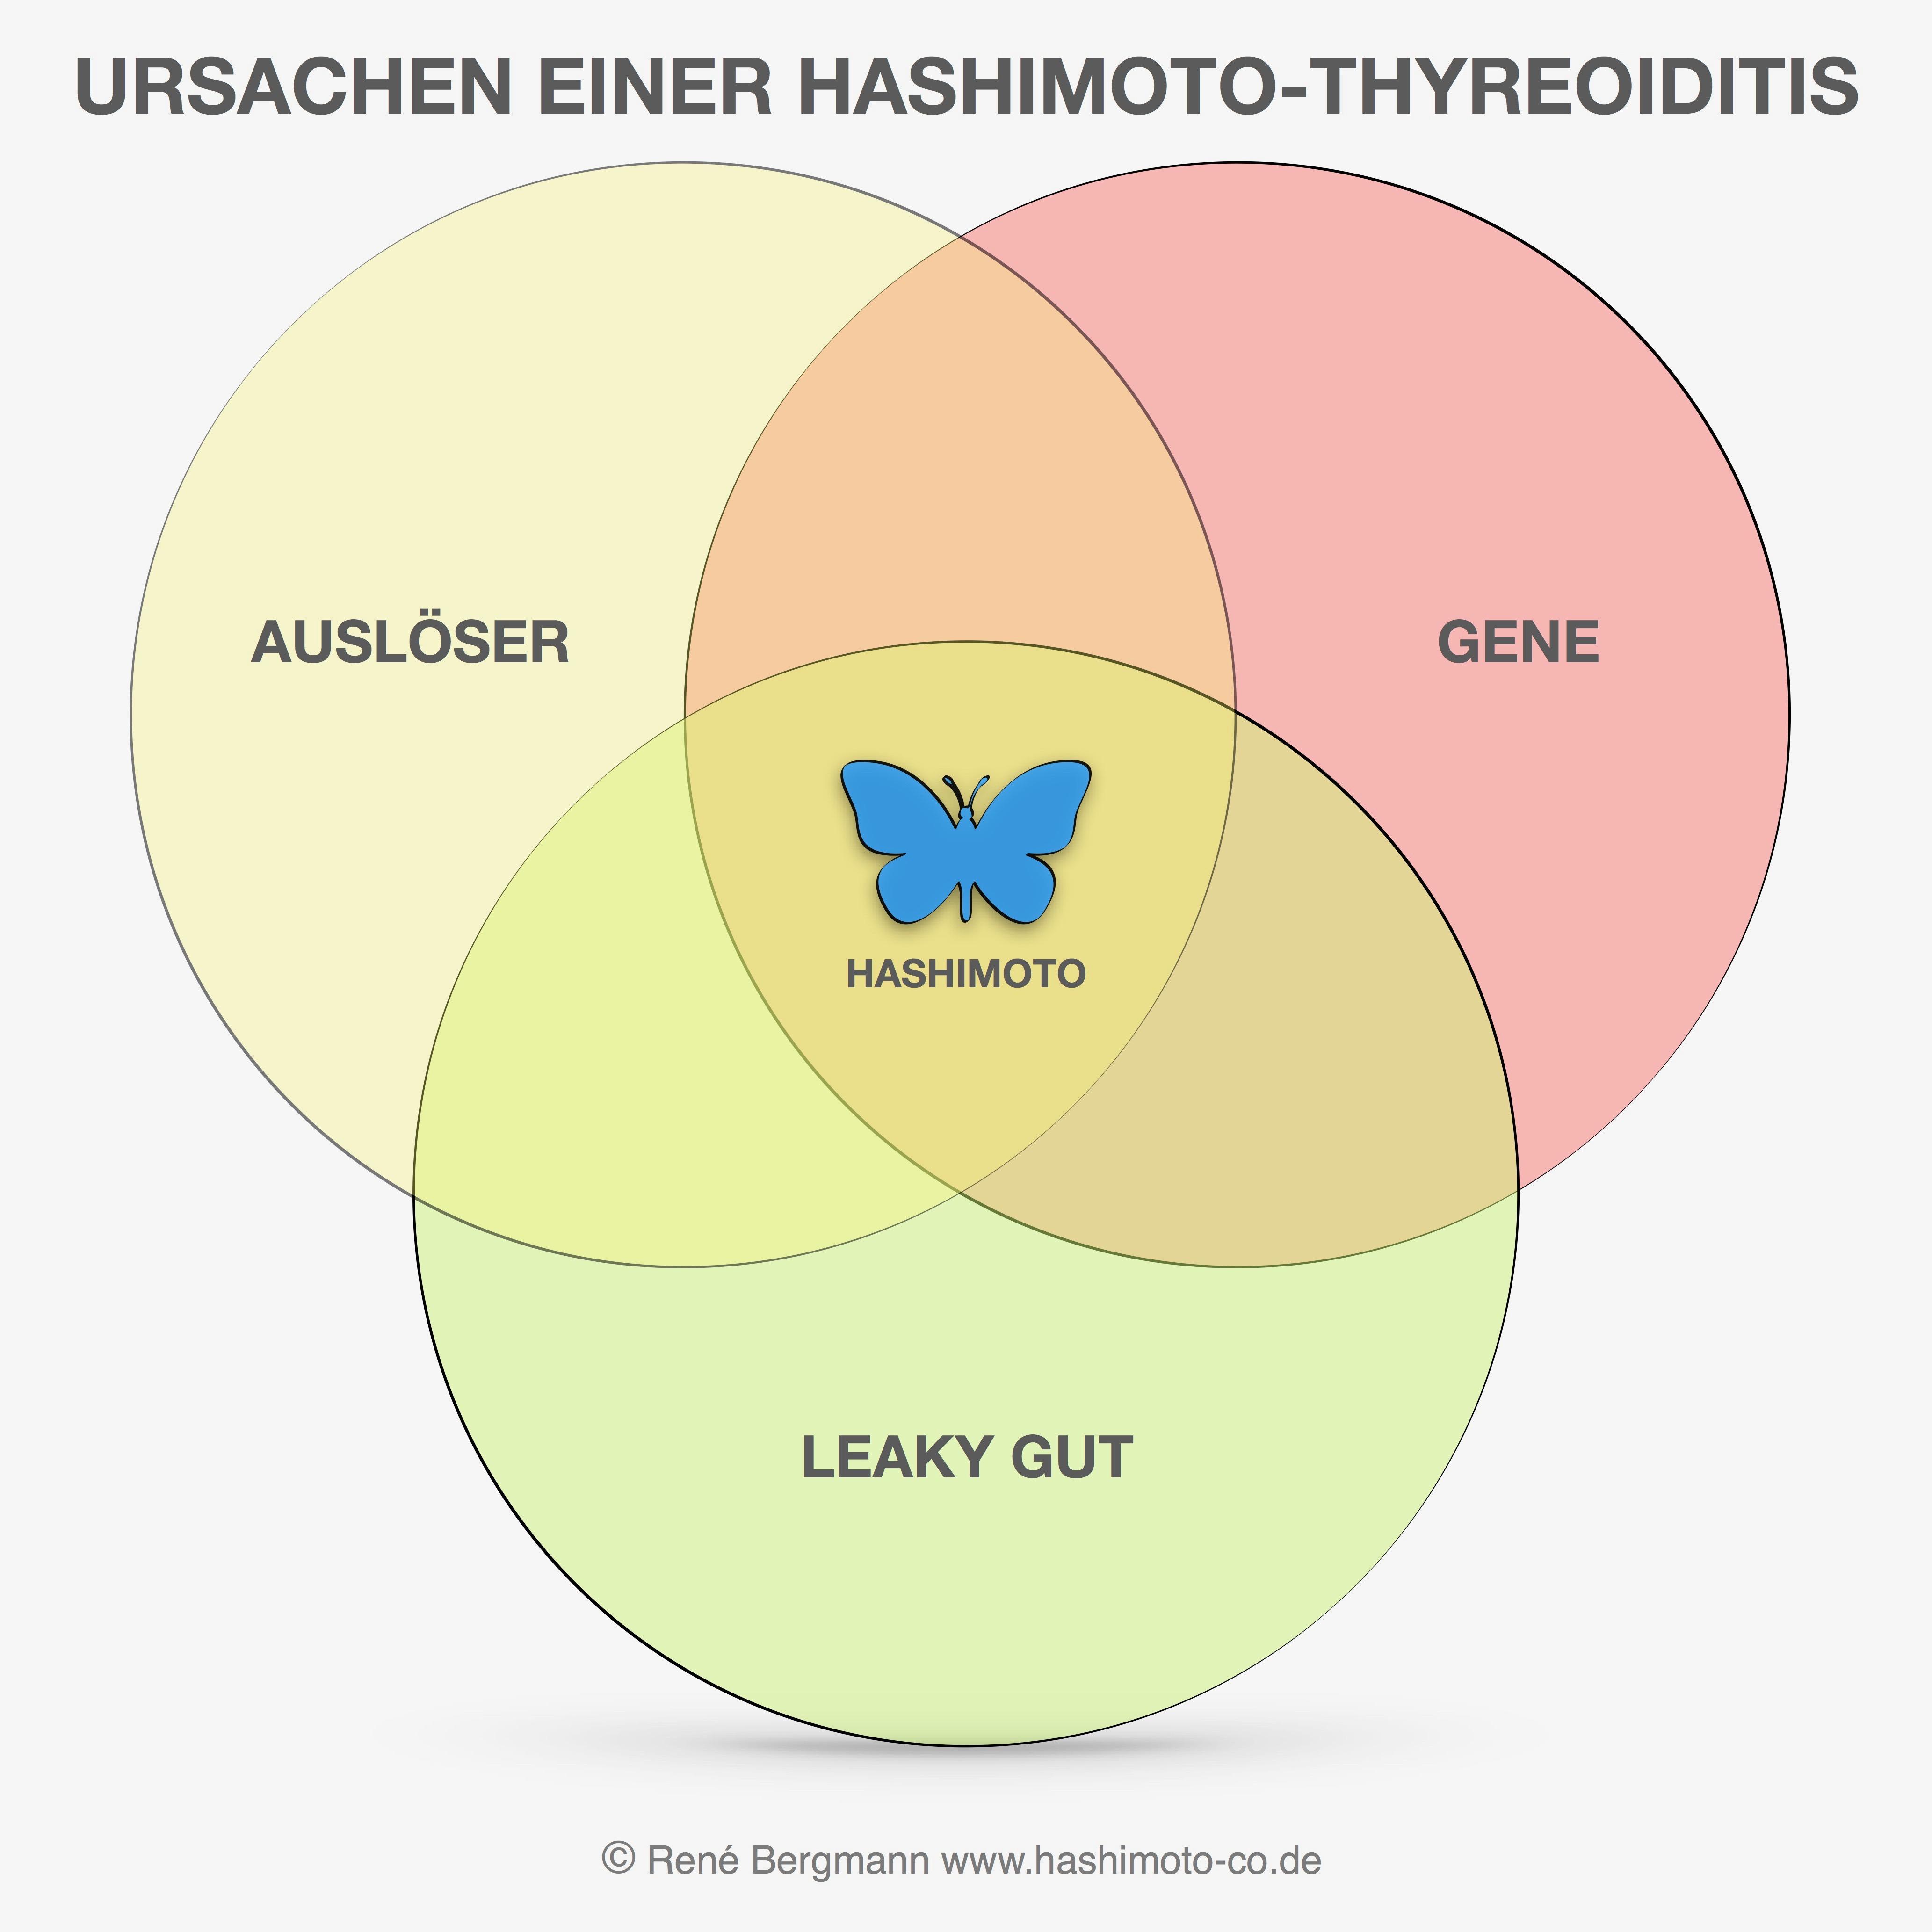 Autoimmunerkrankungen wie Hashimoto basieren auf 3 grundlegenden Ursachen. Nur wenn alle Faktoren zusammentreffen wird die Erkrankung ausgeprägt.